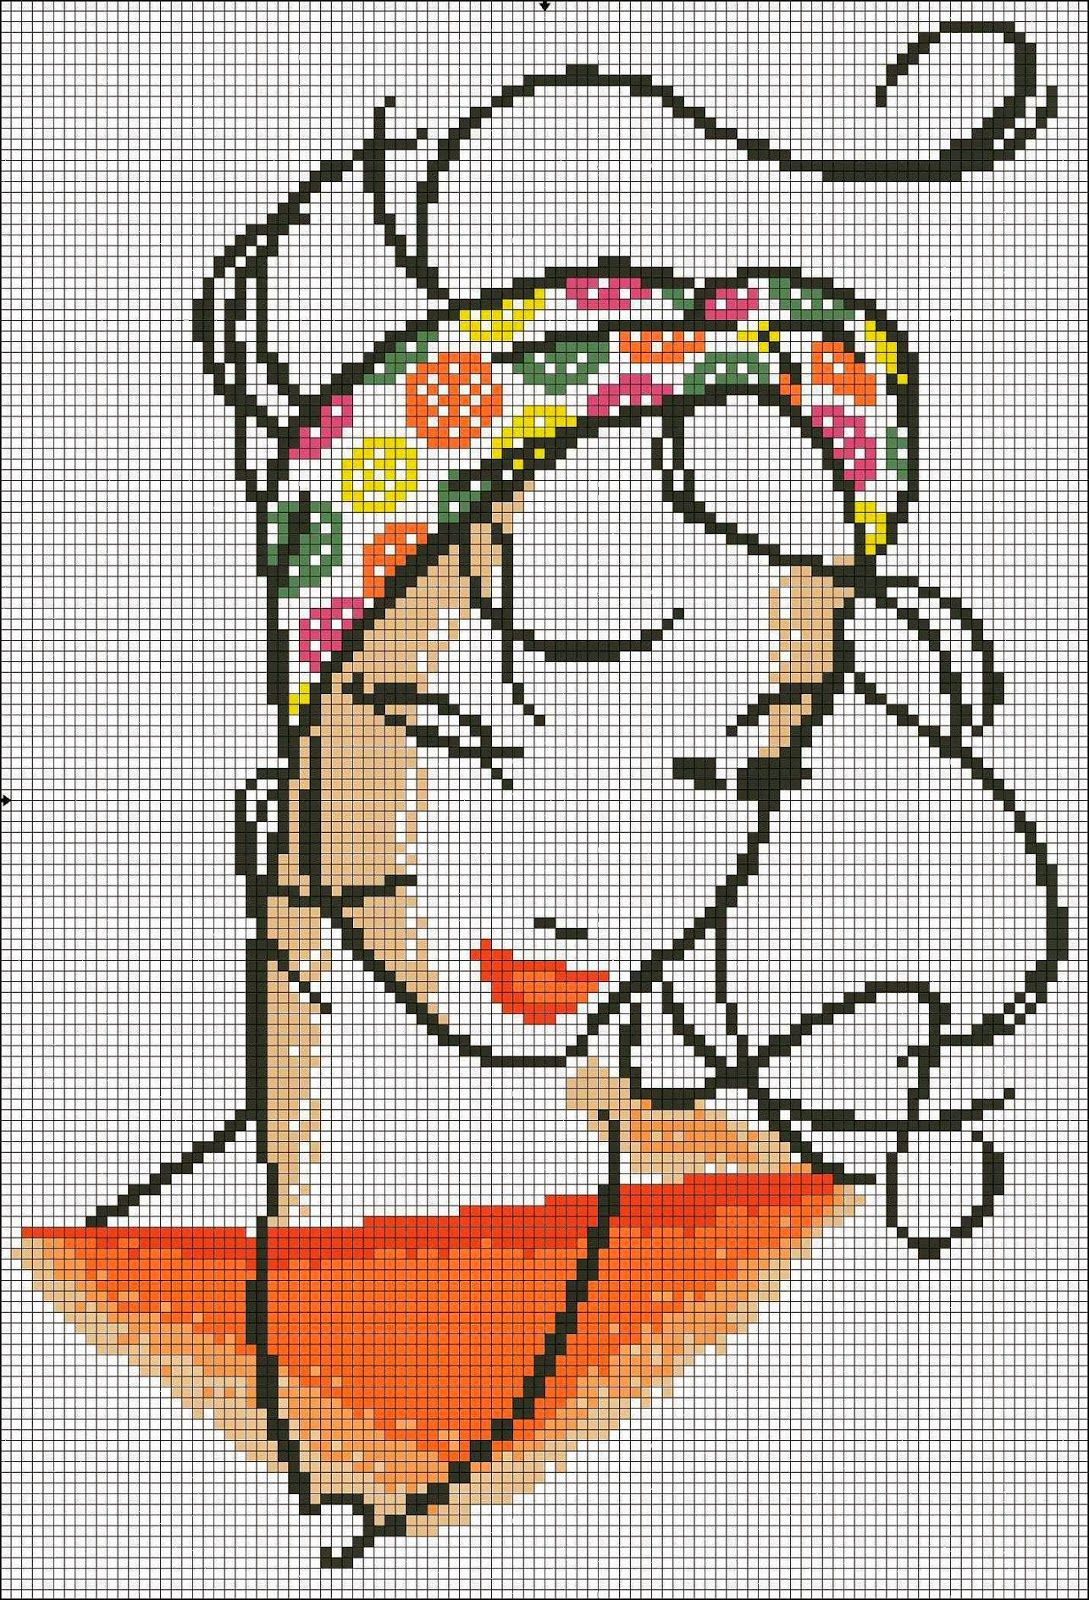 GRAFICOS PUNTO DE CRUZ GRATIS : MONOCROMO(42) | Láminas niños y ado ...